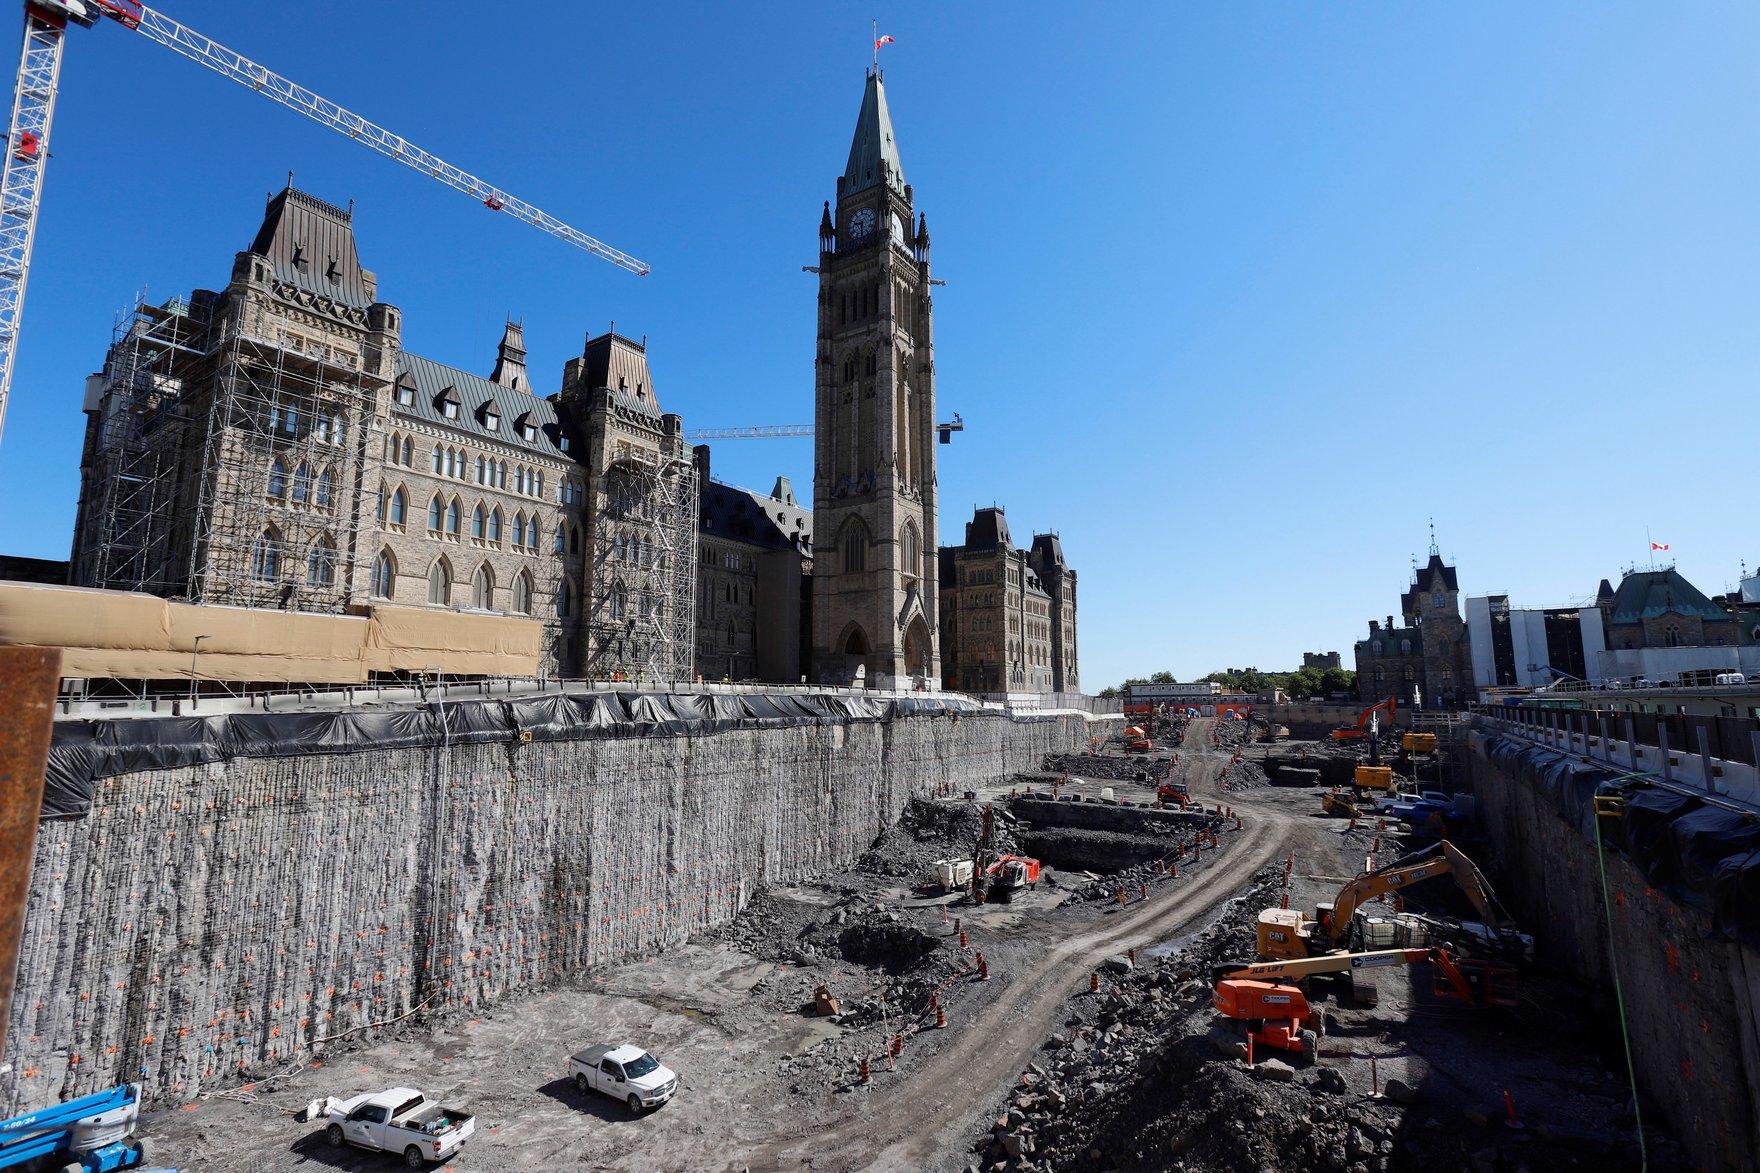 2021-06-16T175240Z_1523533783_RC2L1O9F09SD_RTRMADP_3_CANADA-POLITICS.jpg